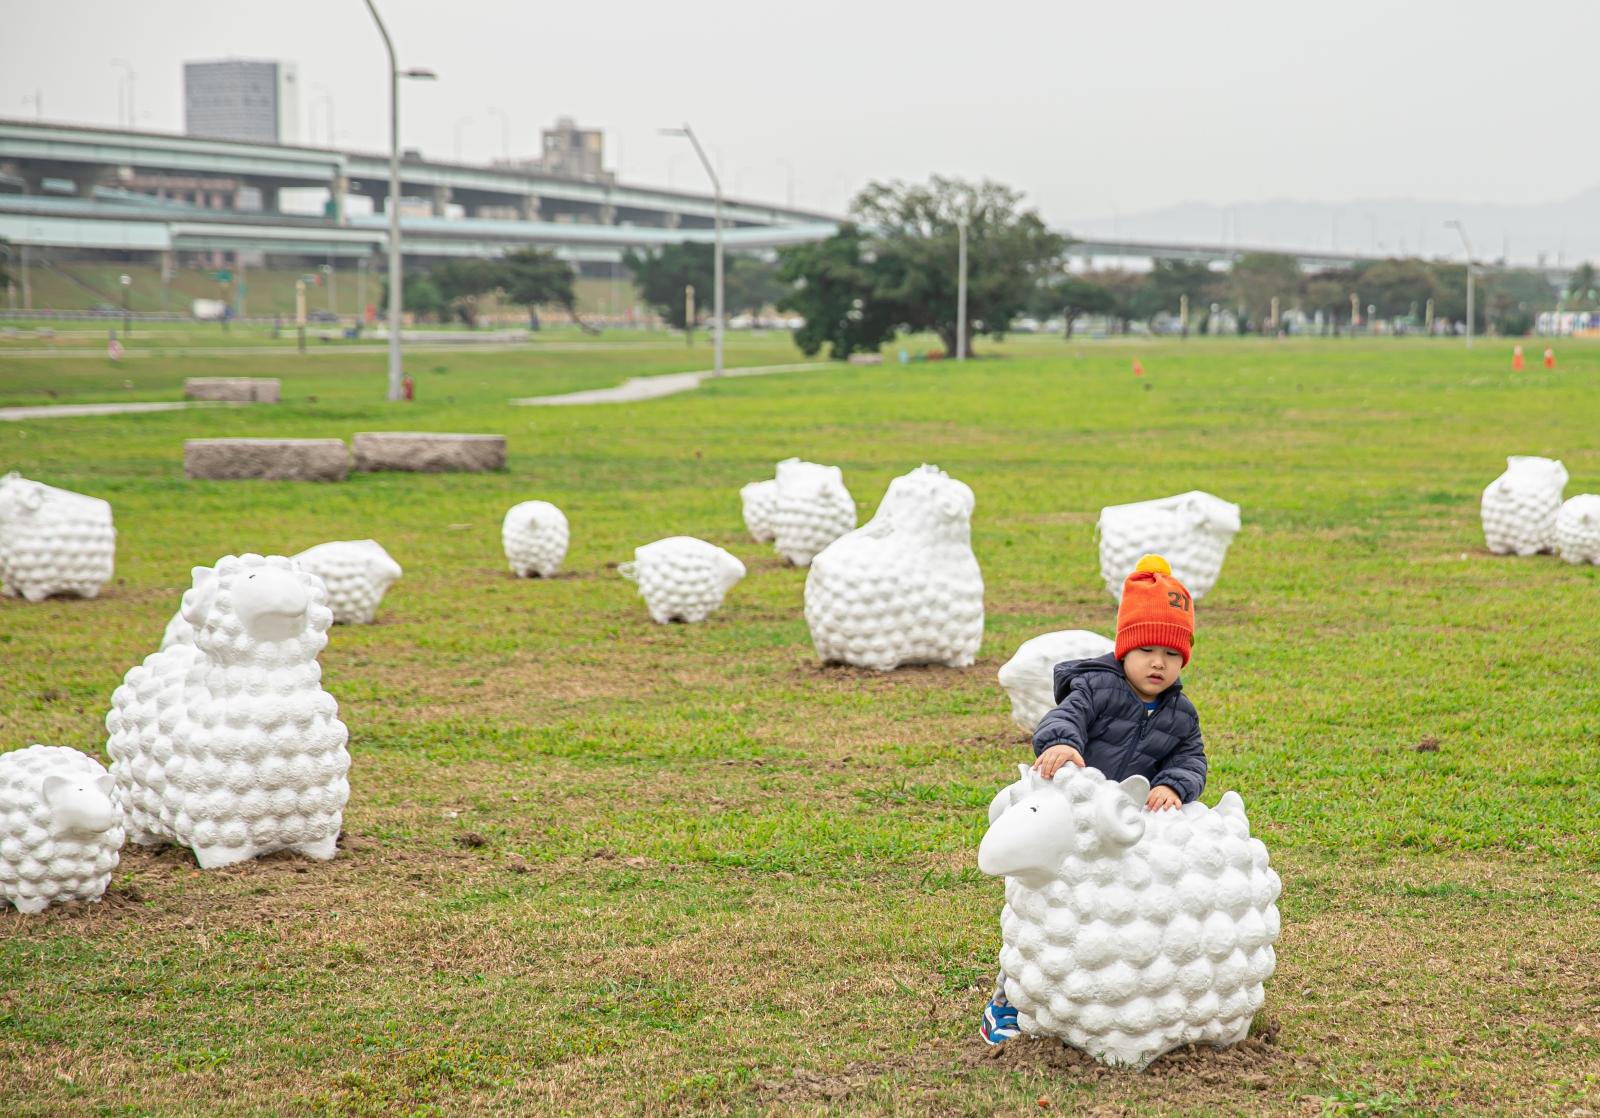 親子景點。超療癒60隻羊咩咩裝置藝術進軍新北親水公園~超夯景點絕對值得全家一起前往、機場捷運大都會公園站、捷運三重站景點